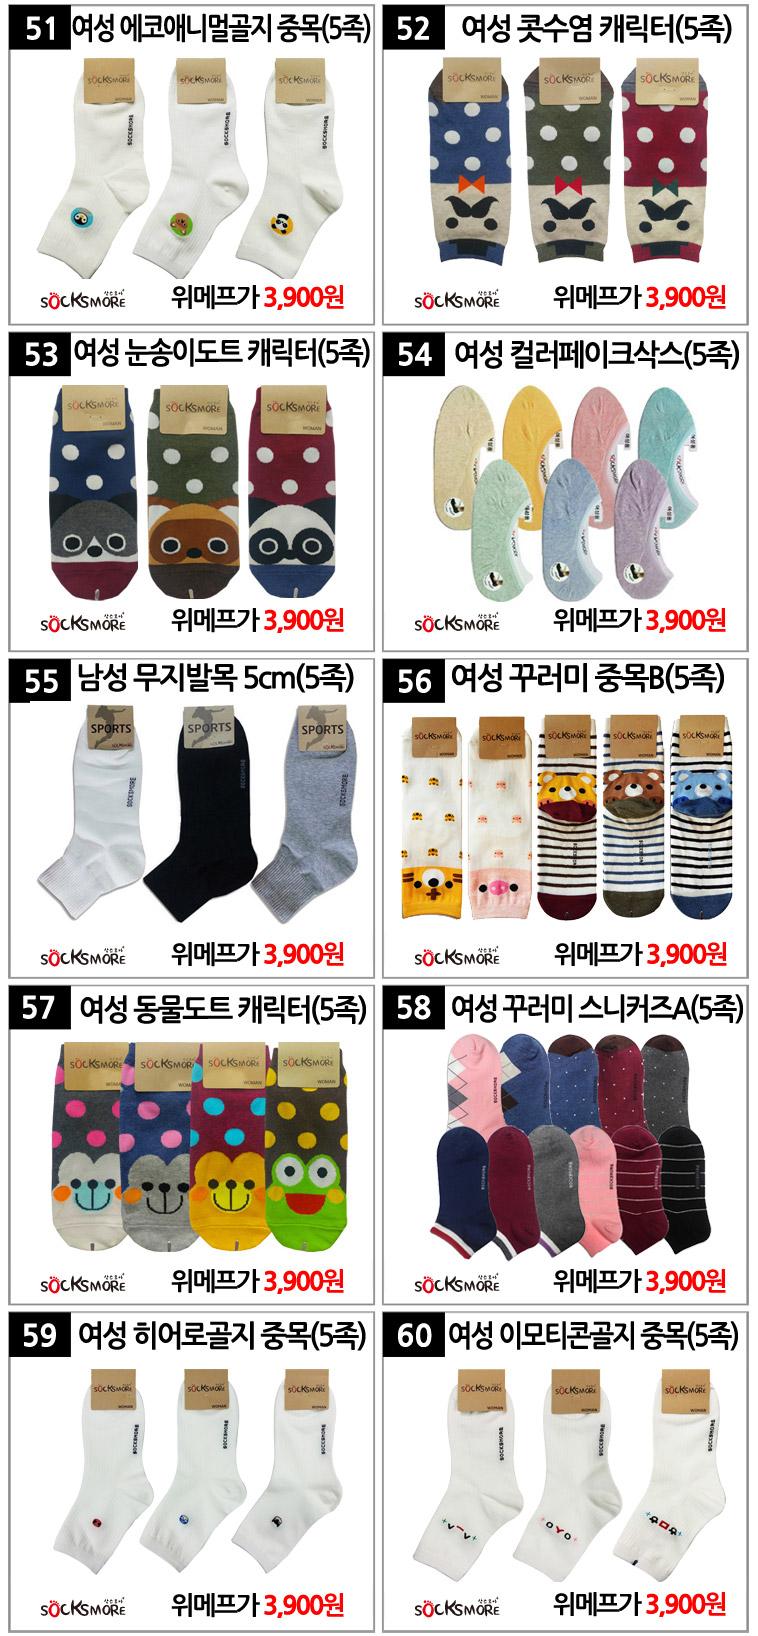 [명예의전당] 패션양말 5족구성102종 - 상세정보